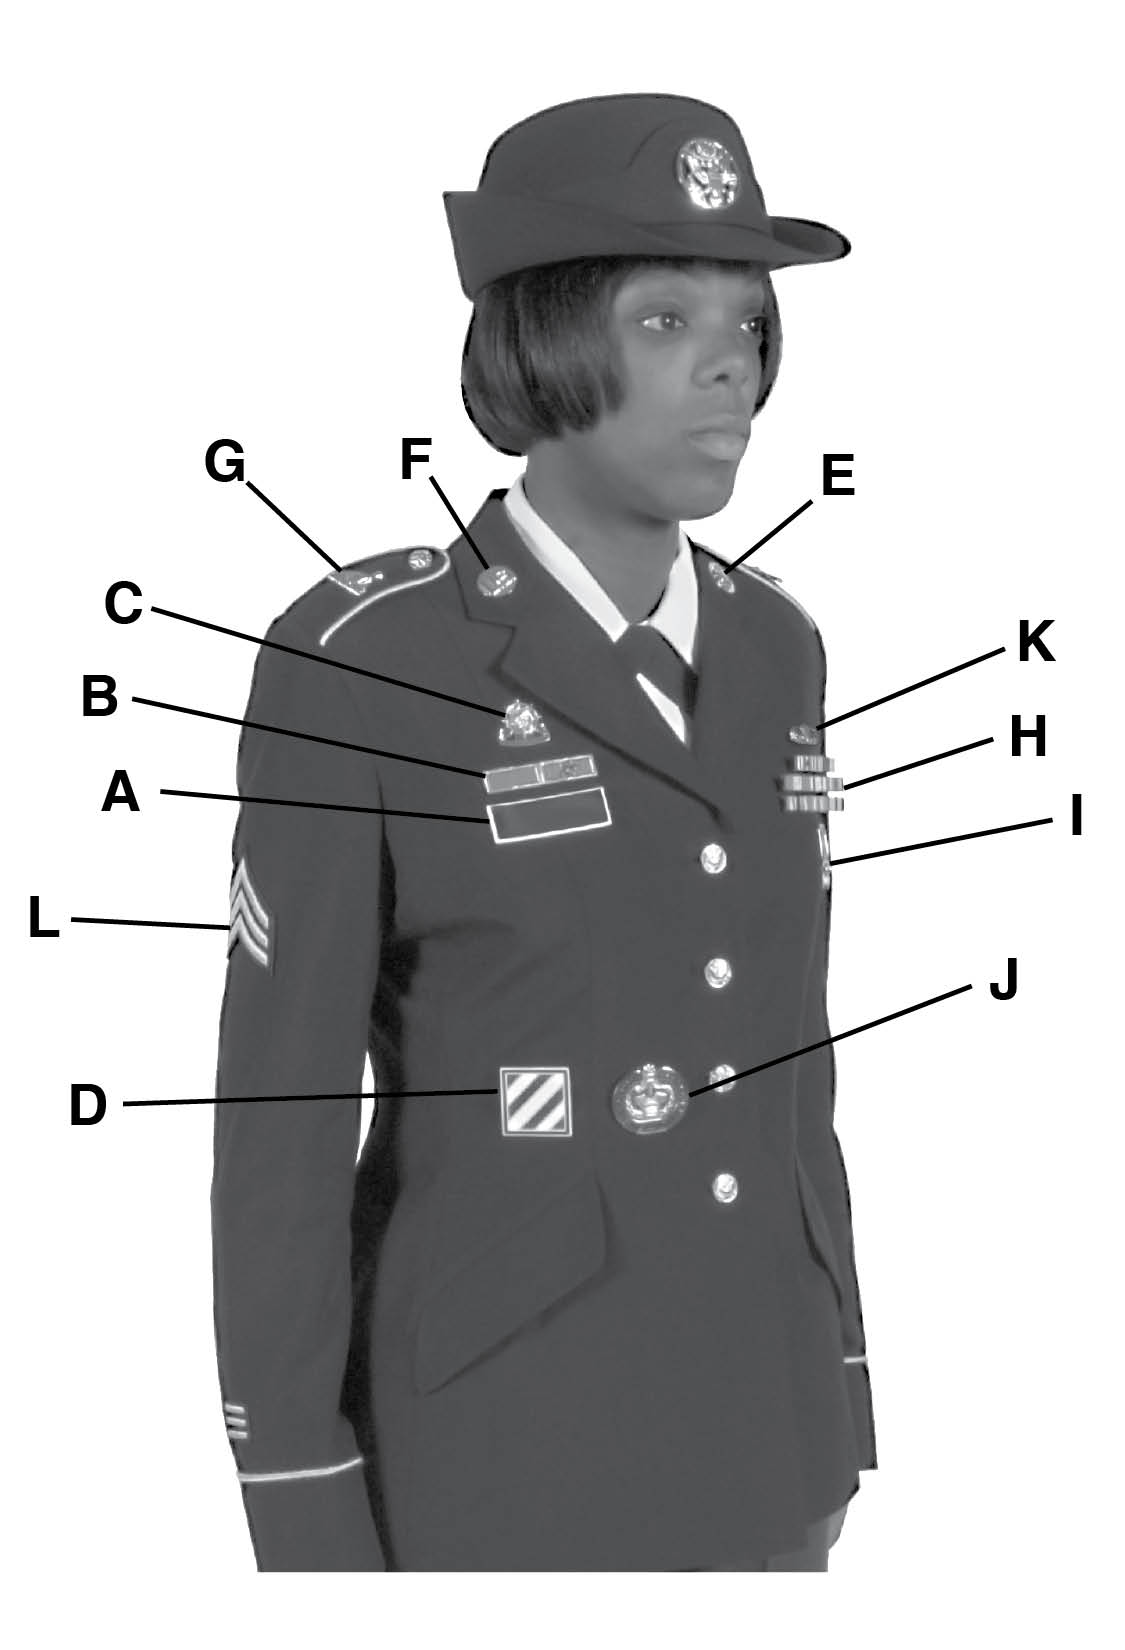 Asu Classroom Design Guidelines ~ Army asu diagram wiring